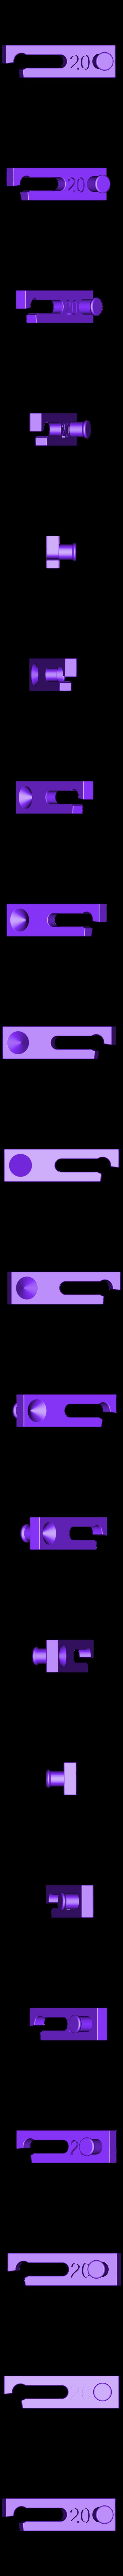 snapStick_20mm.stl Download free STL file Snap Stick, Bar, Interlocking, Math • 3D print model, LGBU